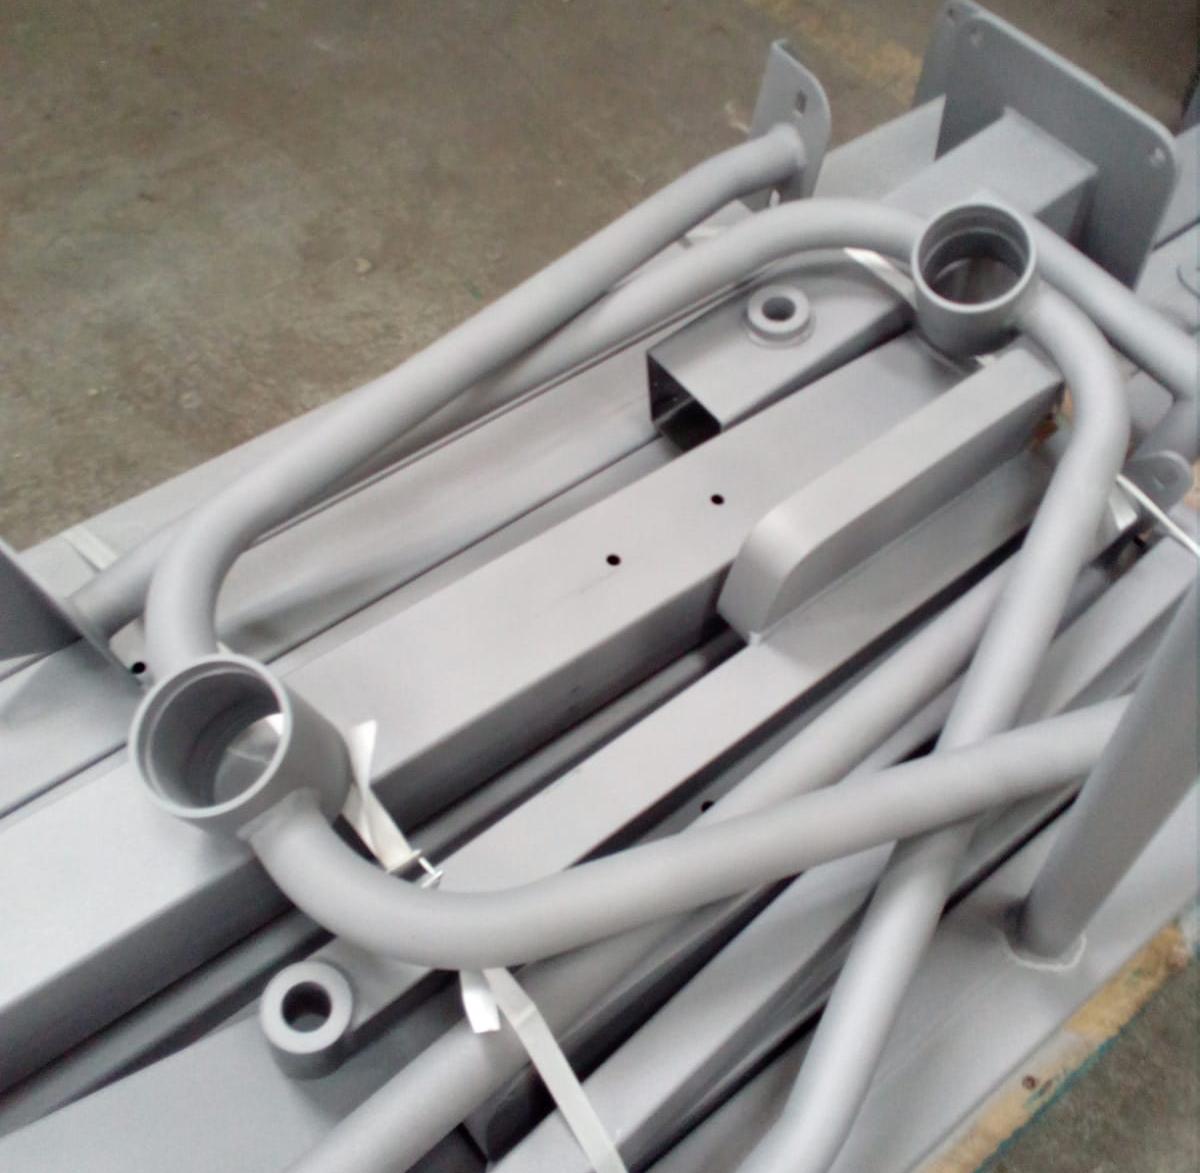 preparacion-superficies-metalicas-1